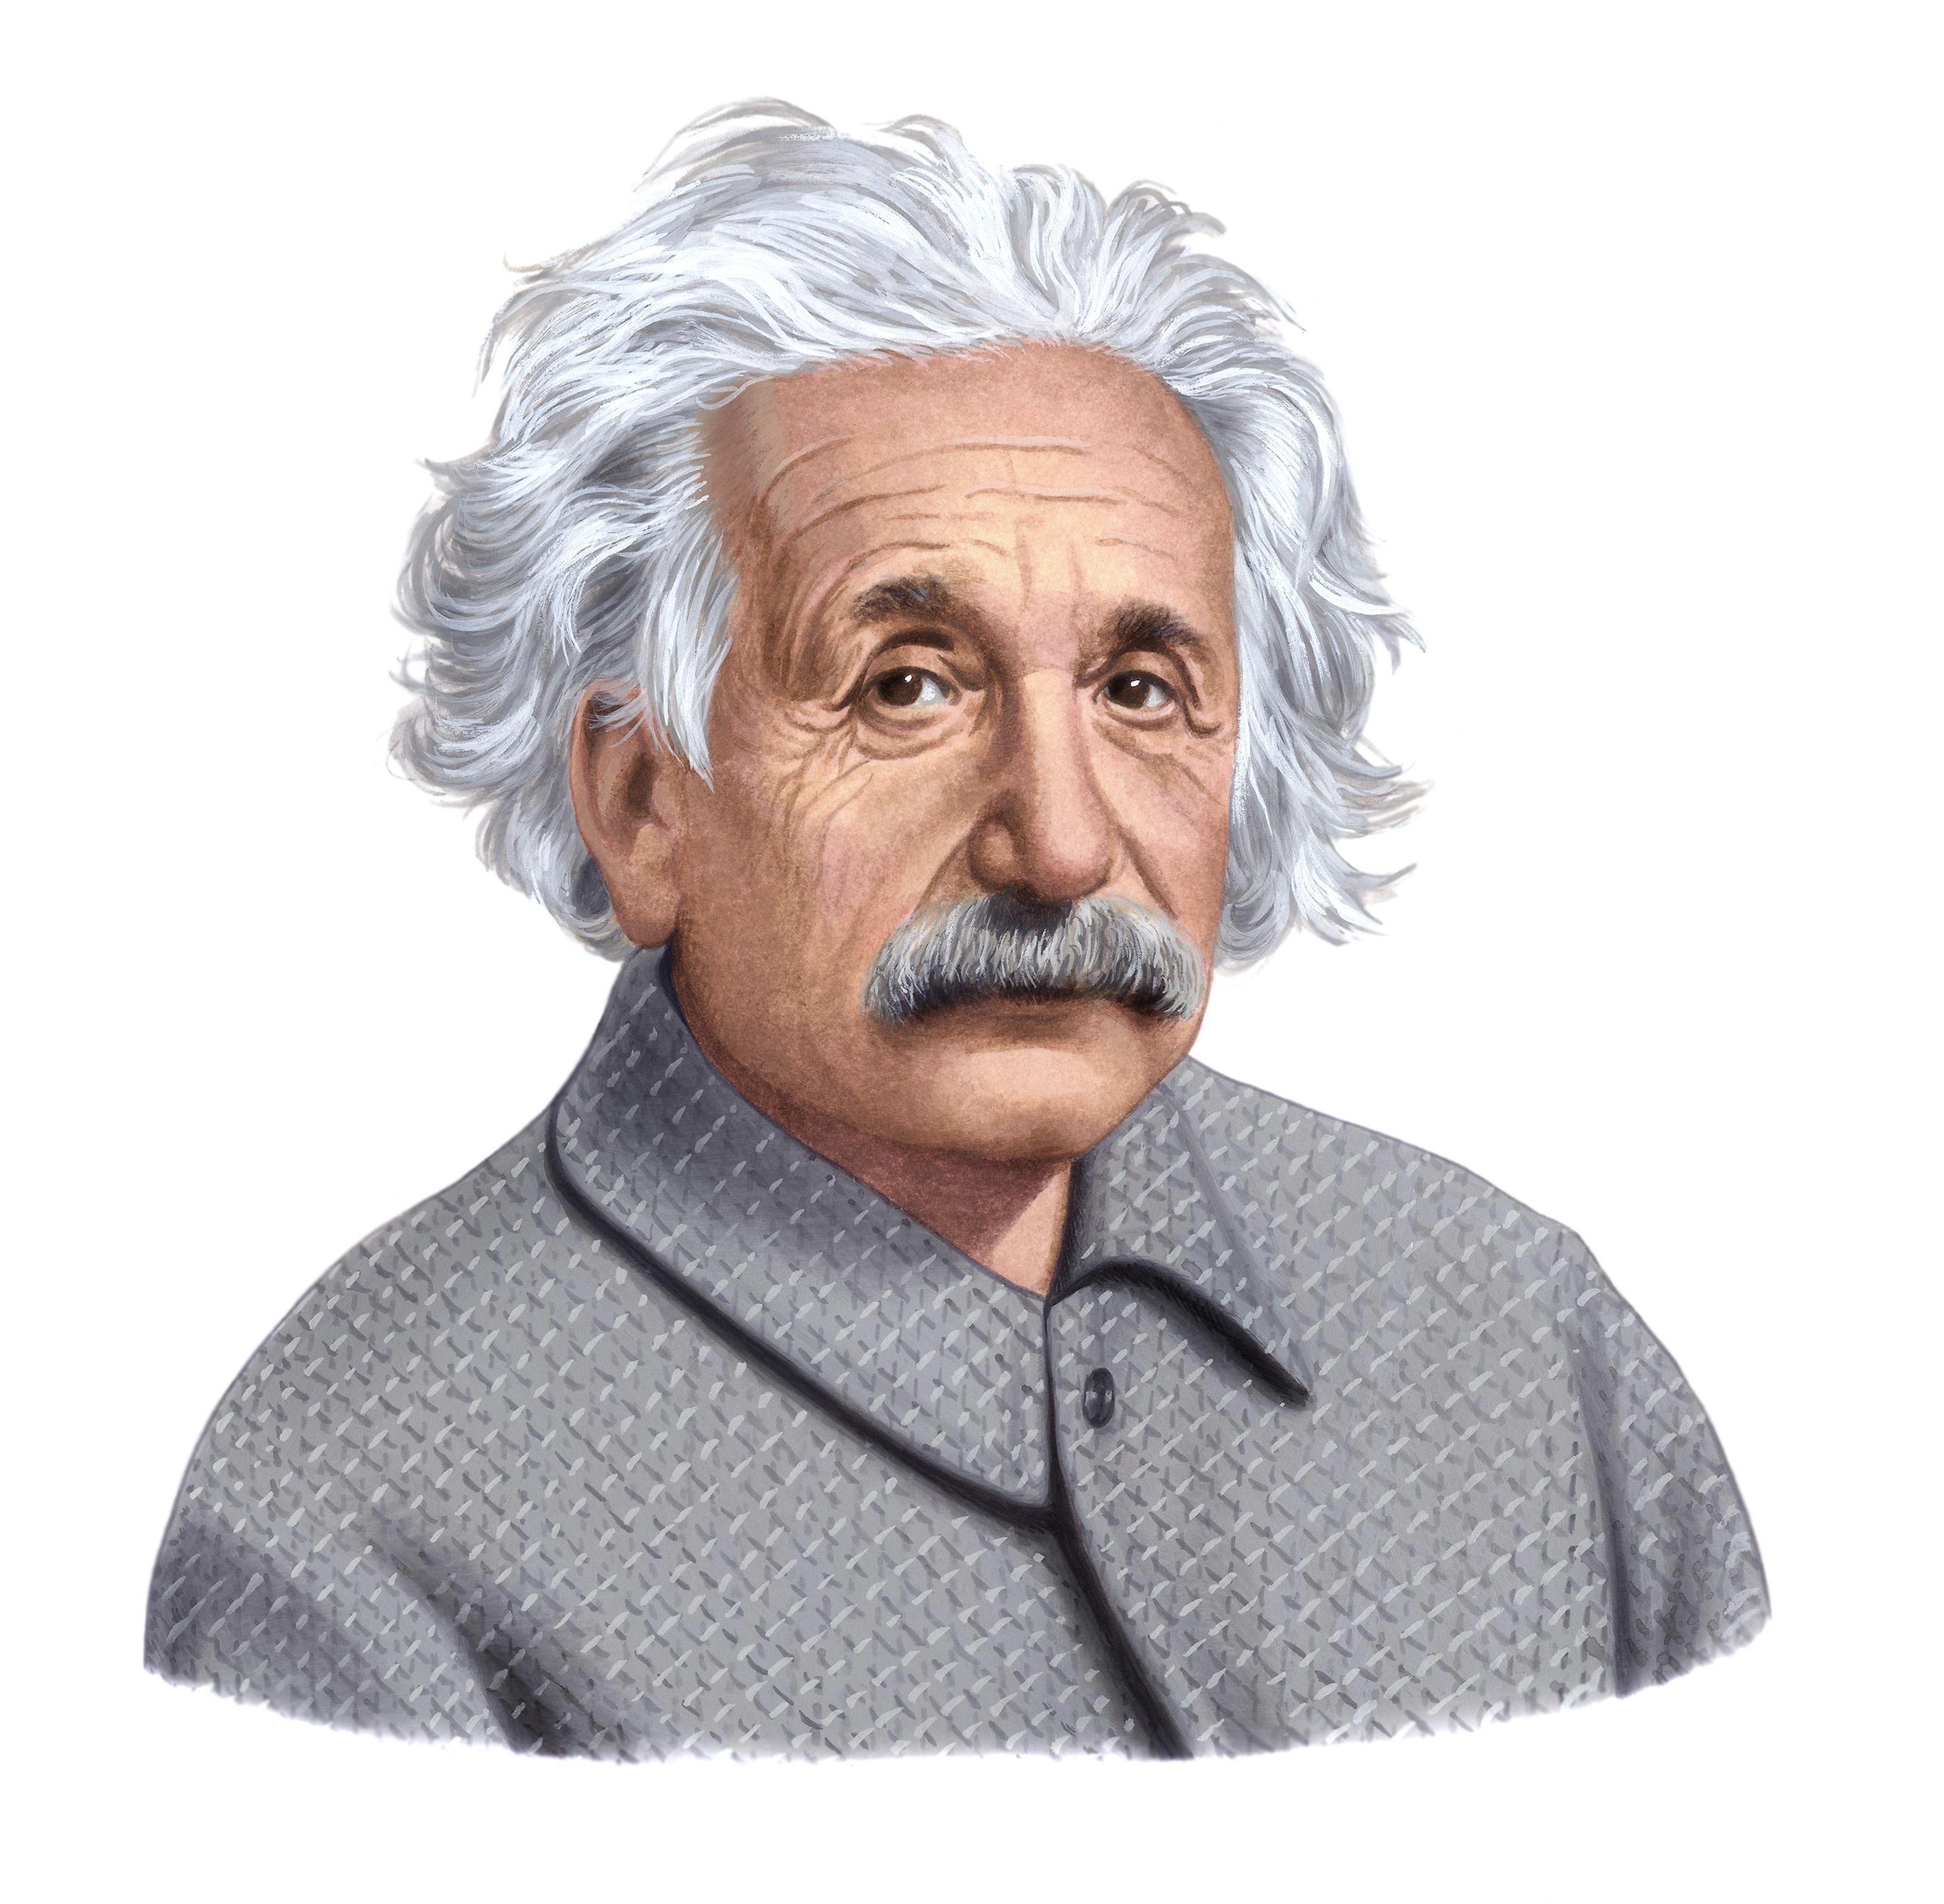 Málokdo ví, že slavný vědec Albert Einstein je také velký milovník žen.